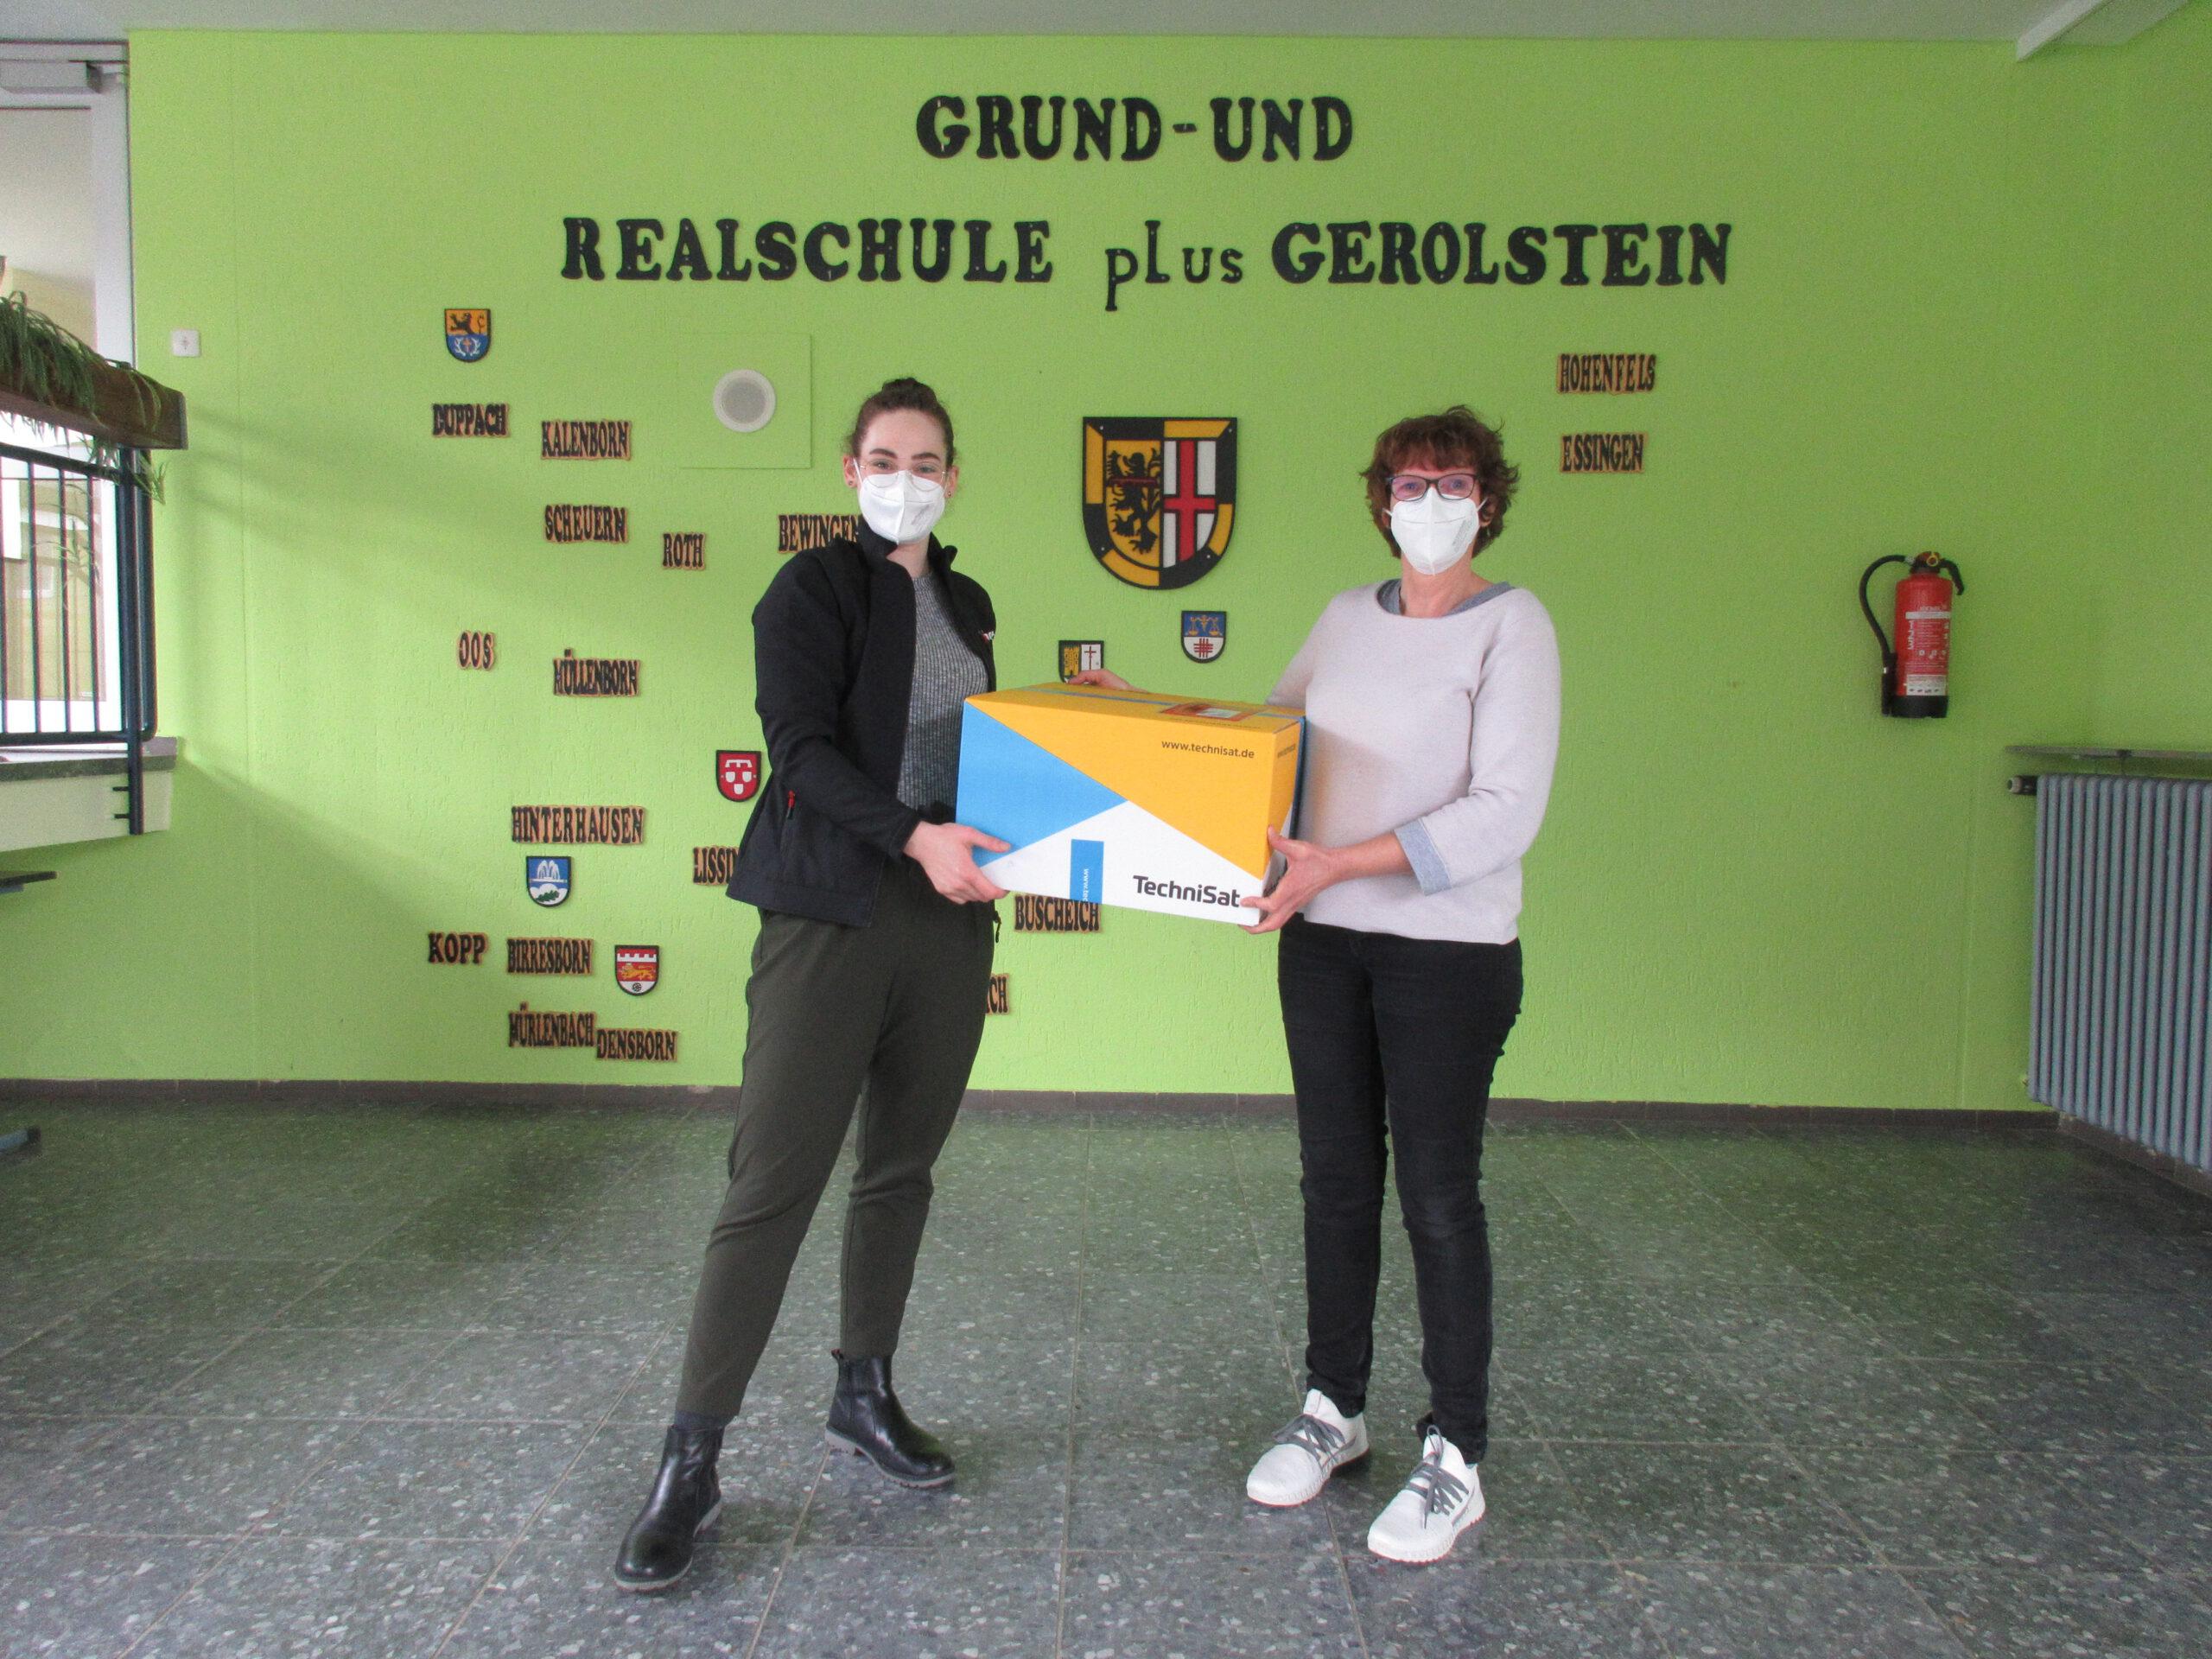 Firma TechniSat spendet 1000 FFP2-Masken